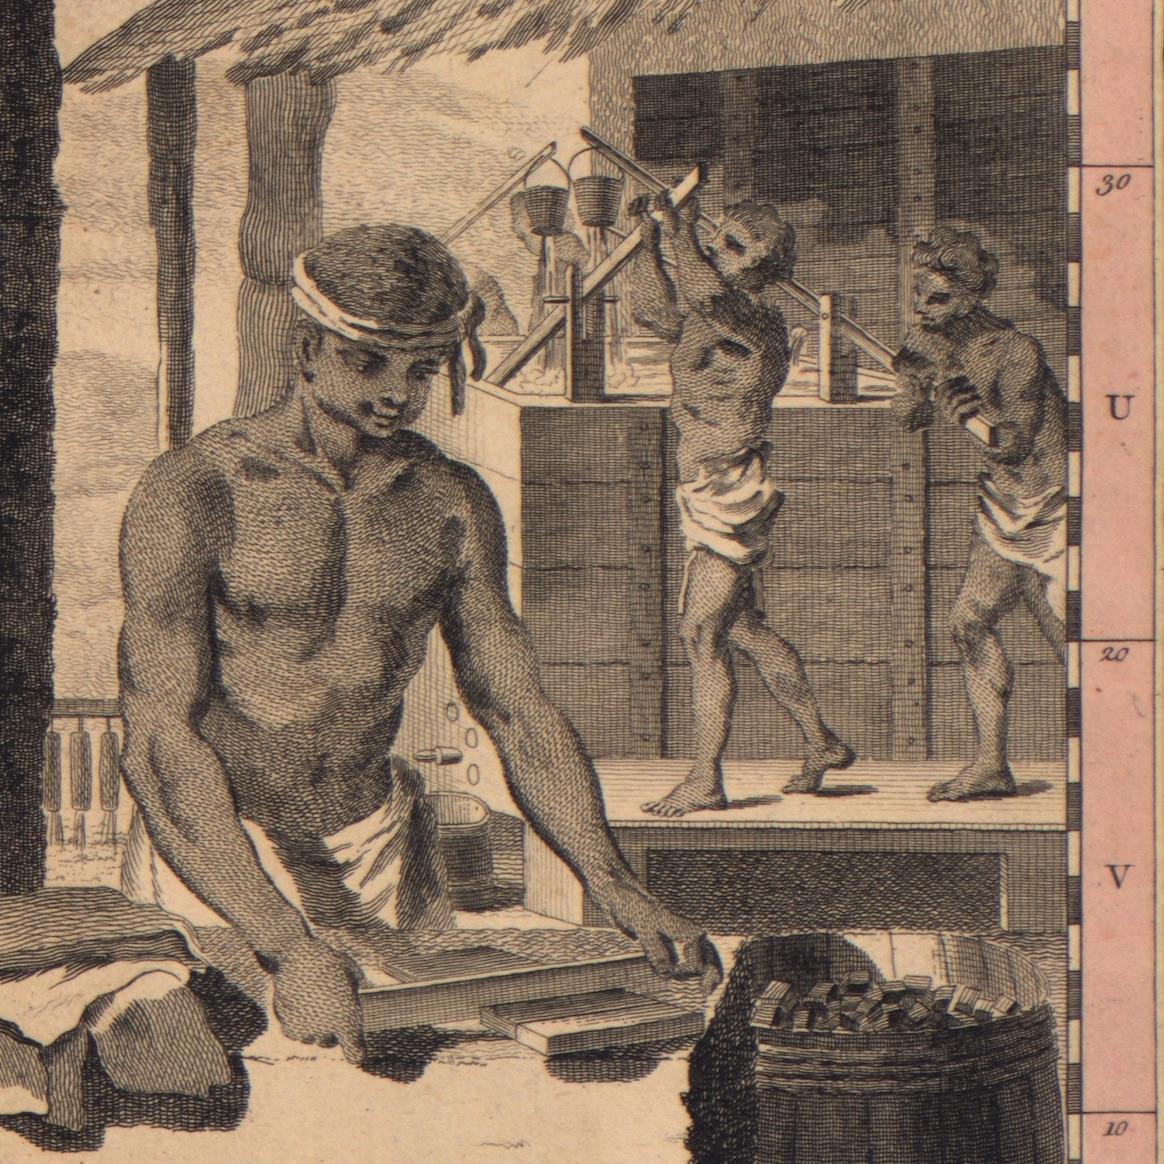 A depiction of enslaved men making indigo.